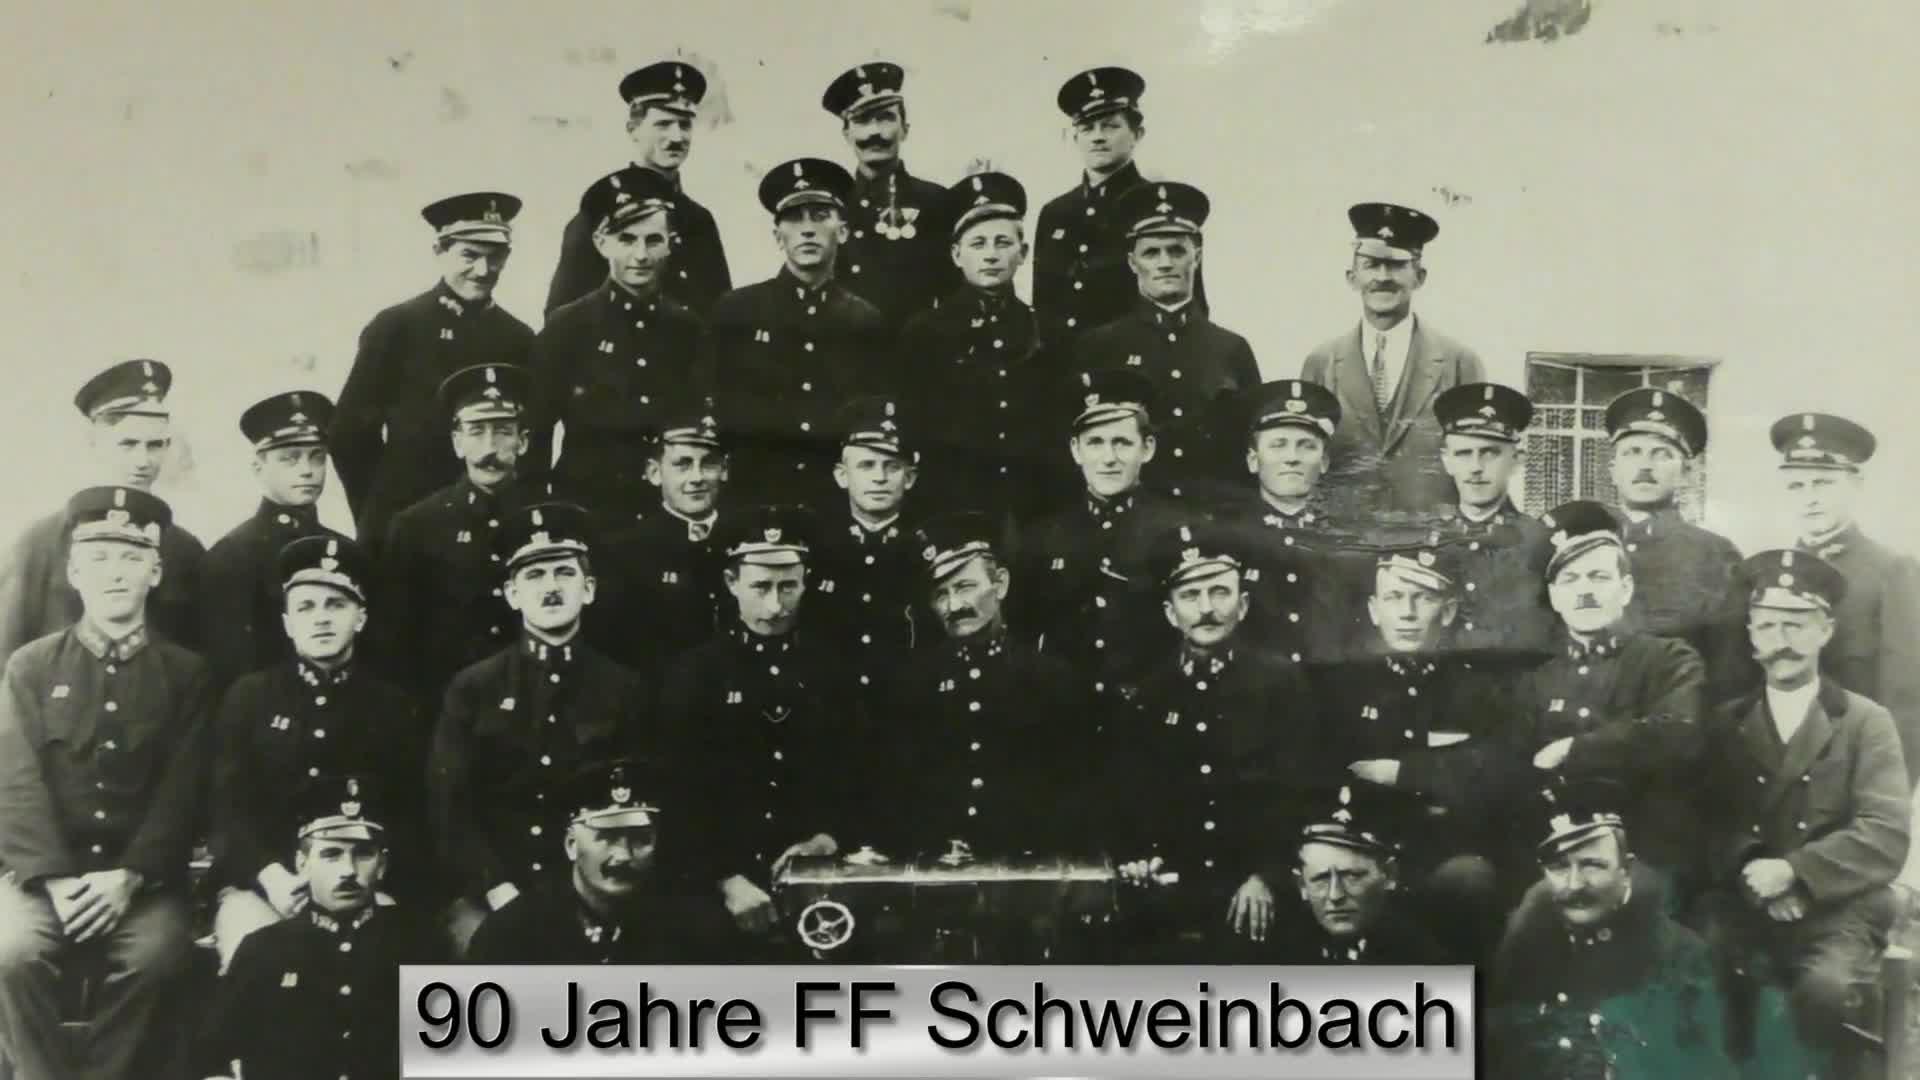 90 Jahre FF Schweinbach